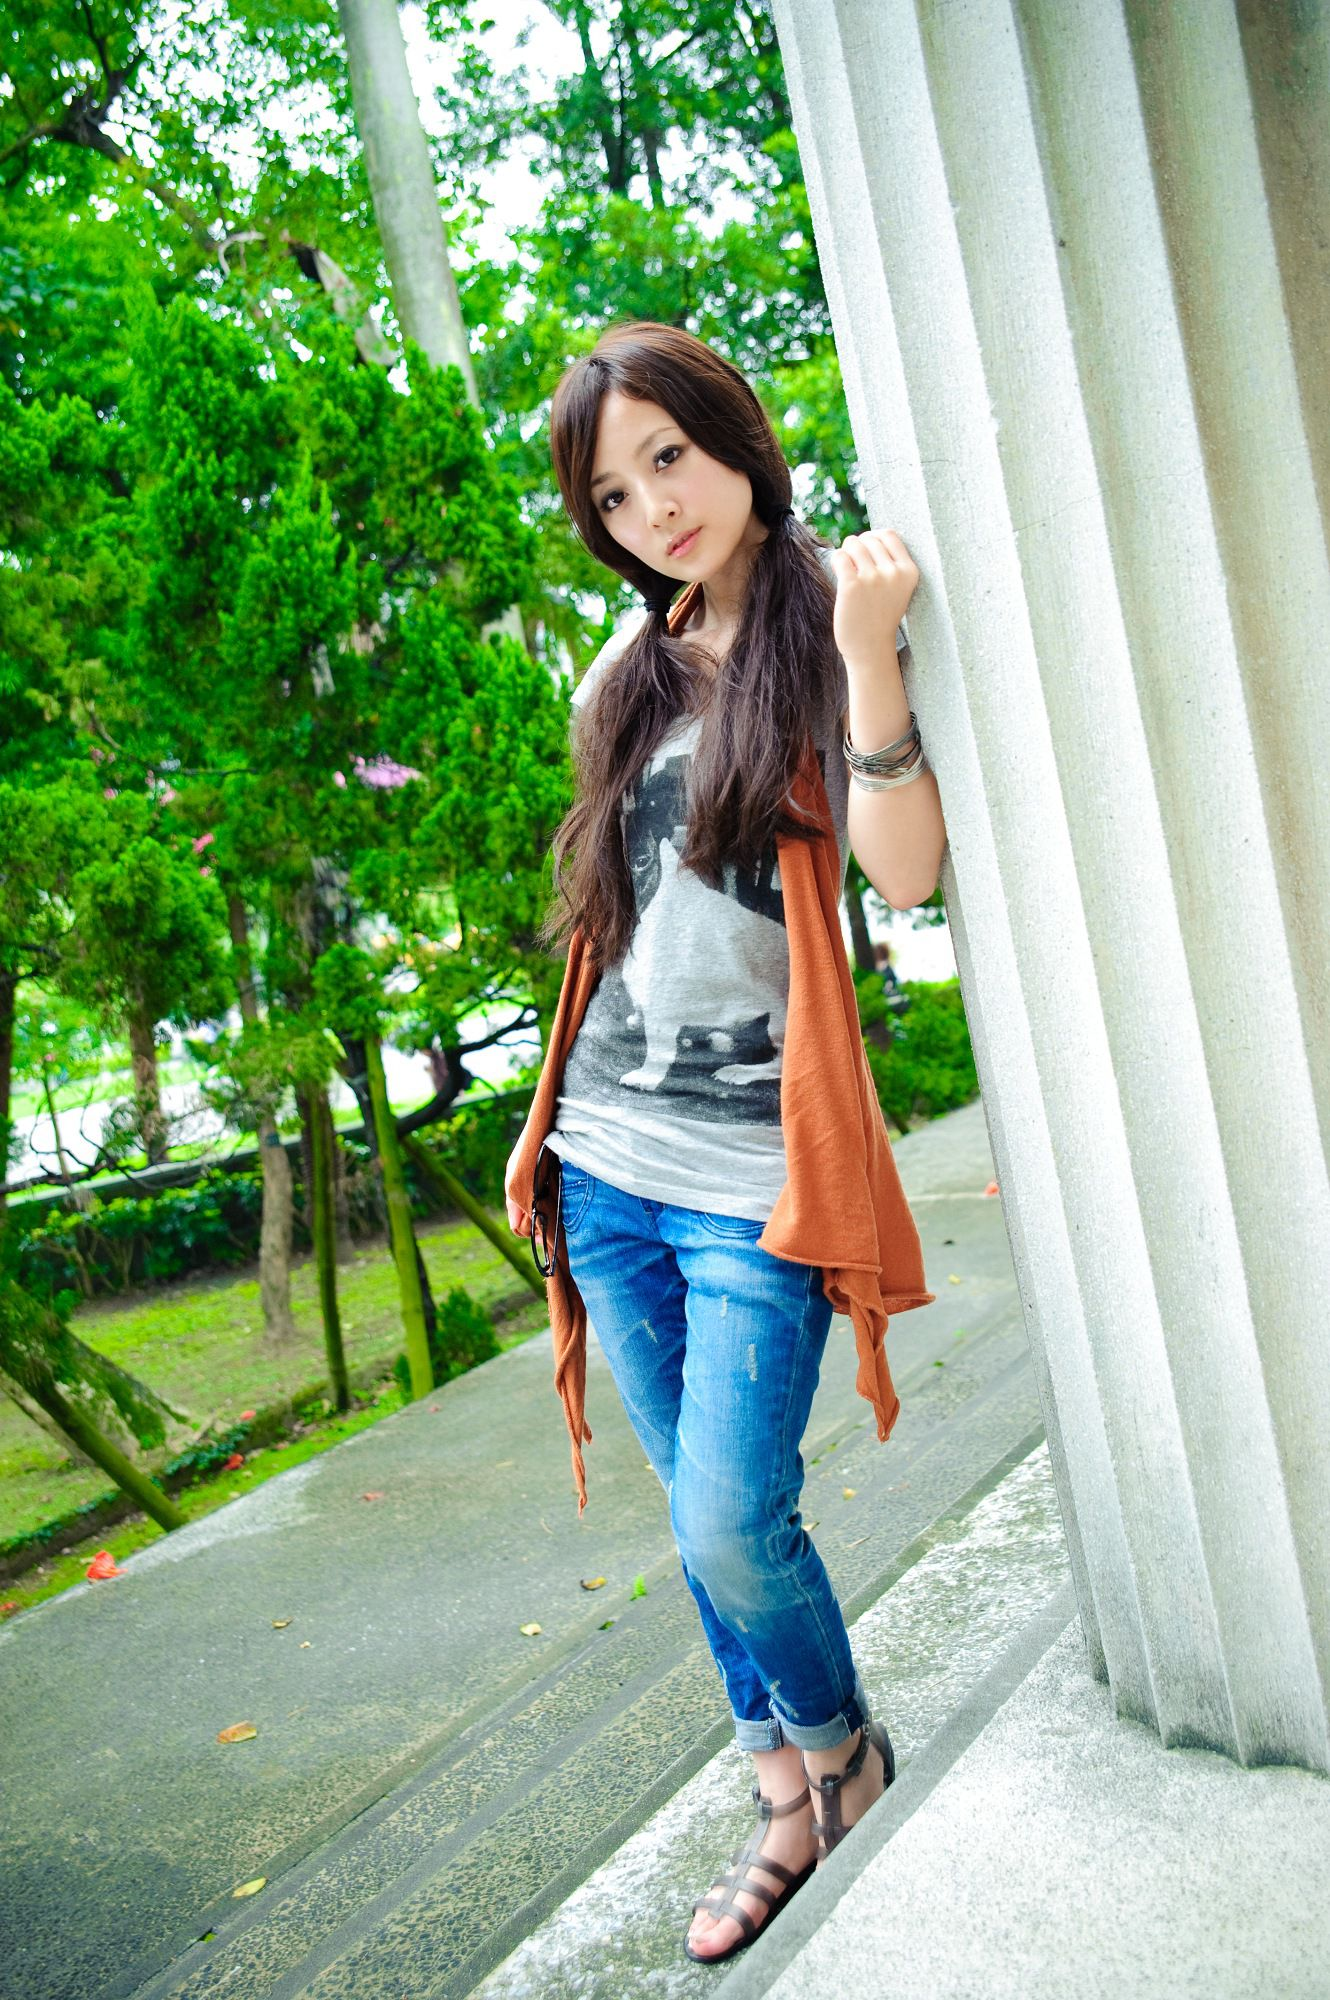 VOL.401 [台湾正妹]可爱清新女友:张凯洁(张允霏,果子MM)高品质写真套图(58P)